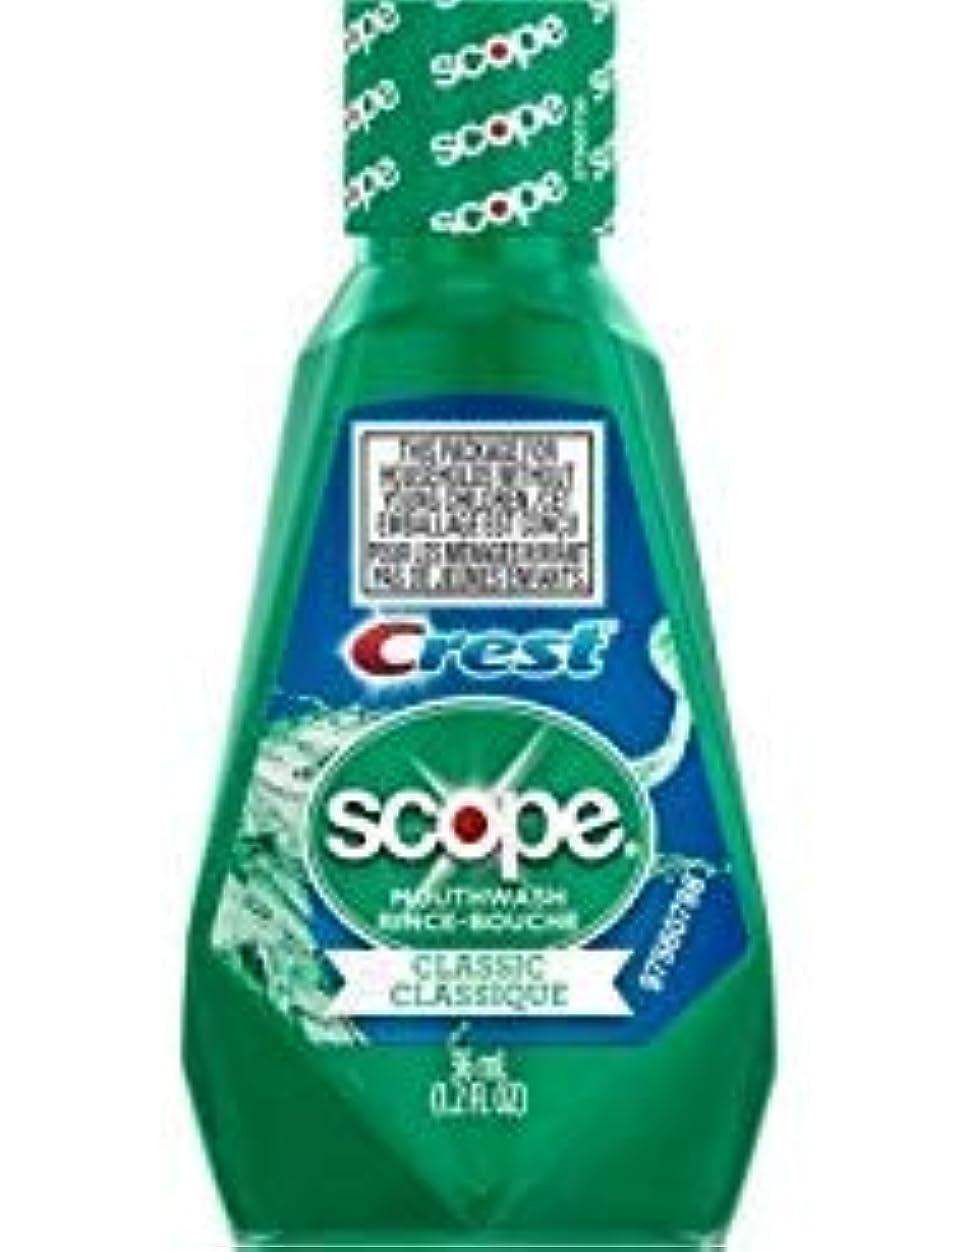 より浴室漂流Crest スコープマウスウォッシュ36ミリリットルトラベルサイズのボトル(#00838)